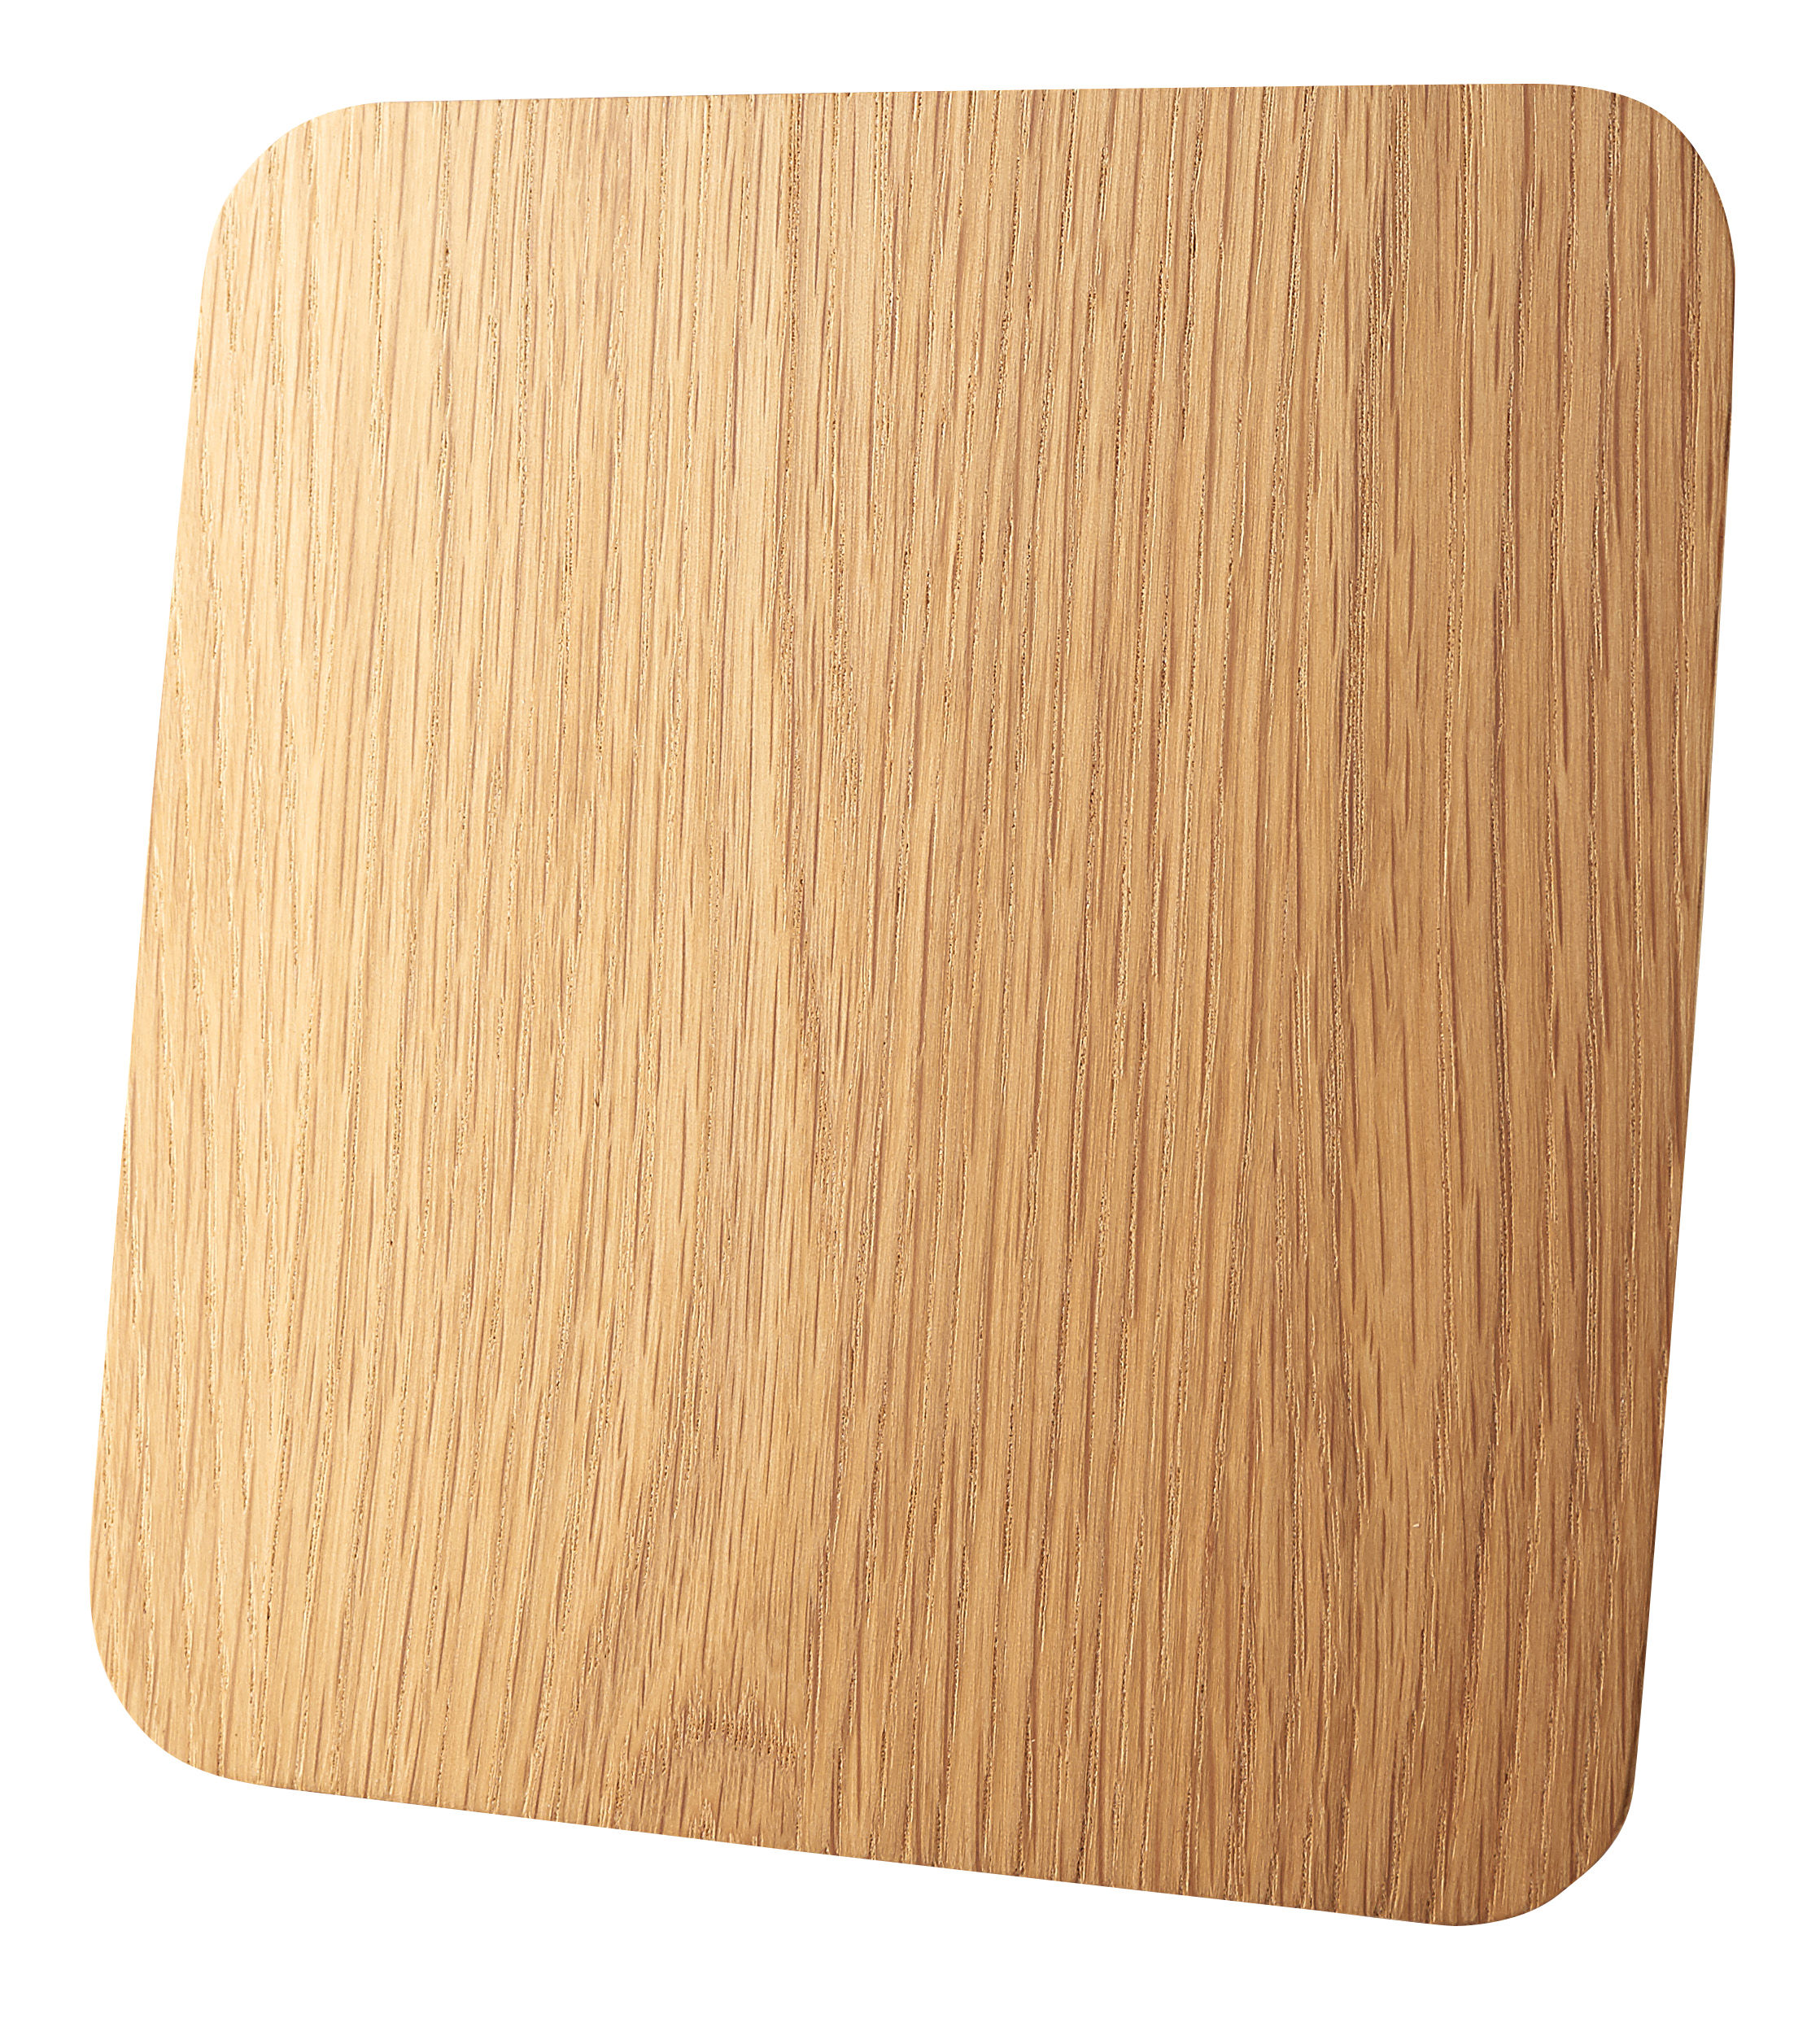 Tavola - Vassoi  - Tagliere Nordic kitchen - / Mini vassoio tapas - 16 x 16 cm di Eva Solo - Rovere - Rovere oliato